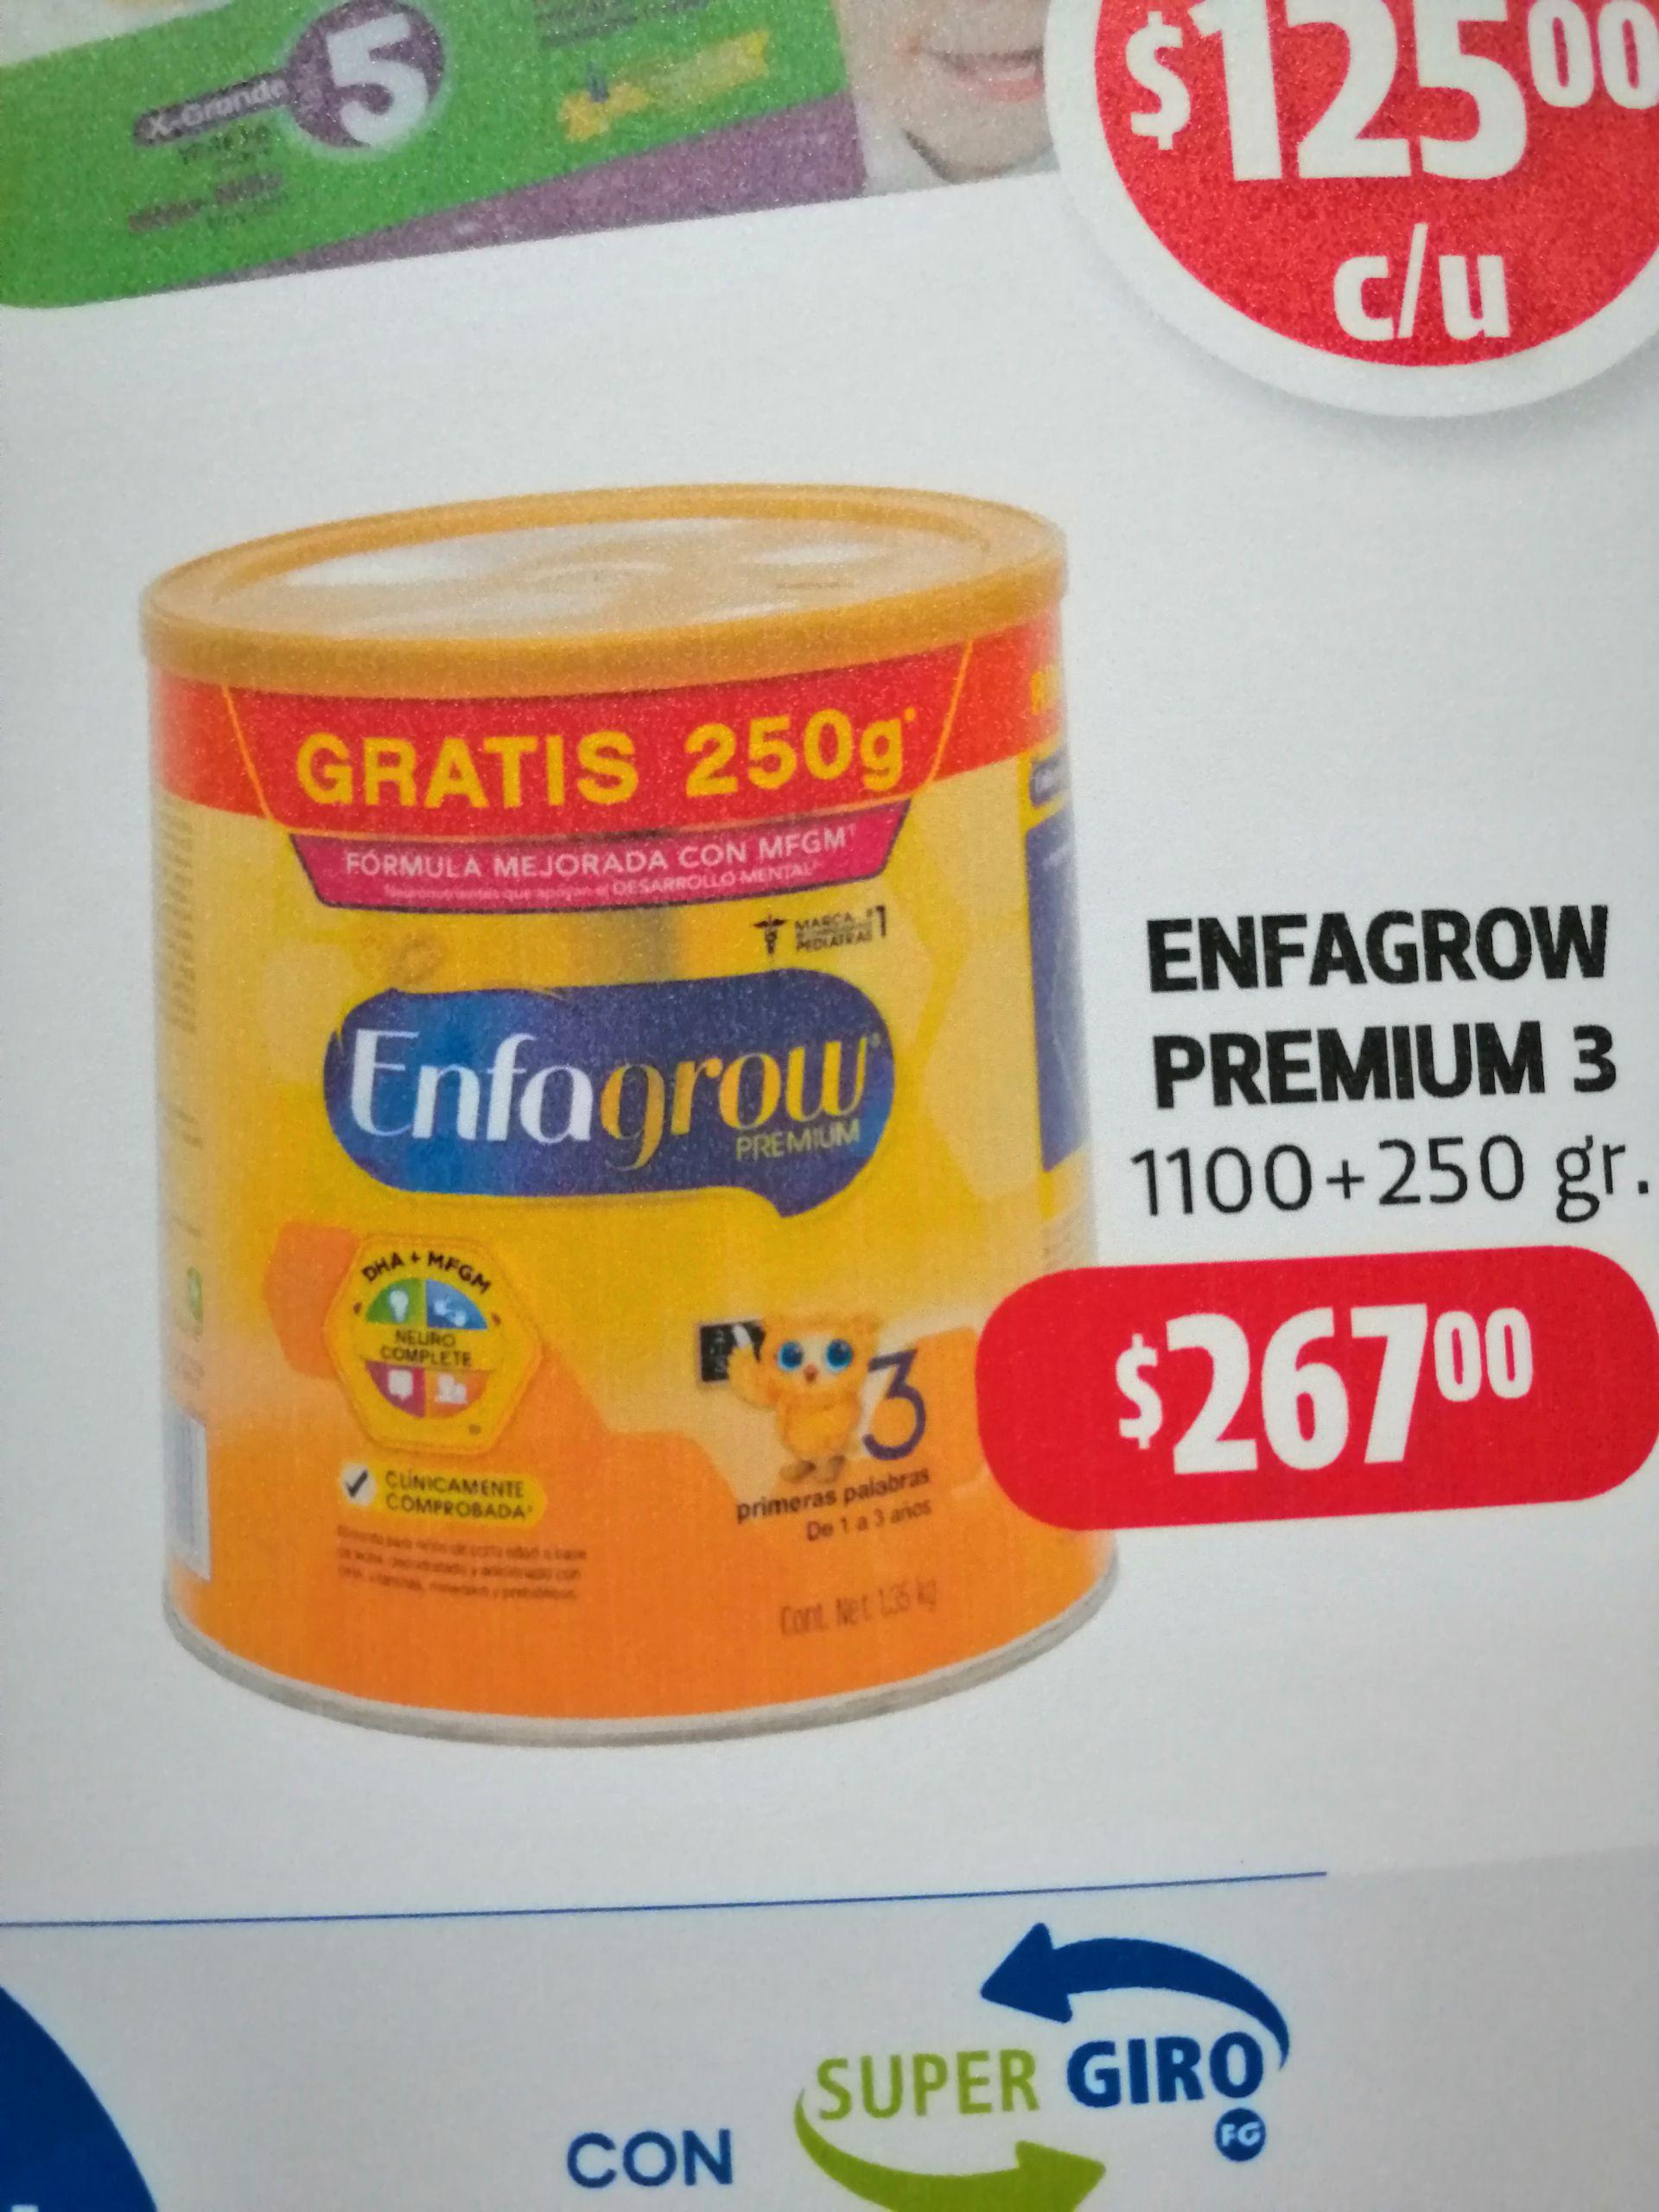 Farmacias Guadalajara: leche enfagrow 3 de 1350 gramos a $267